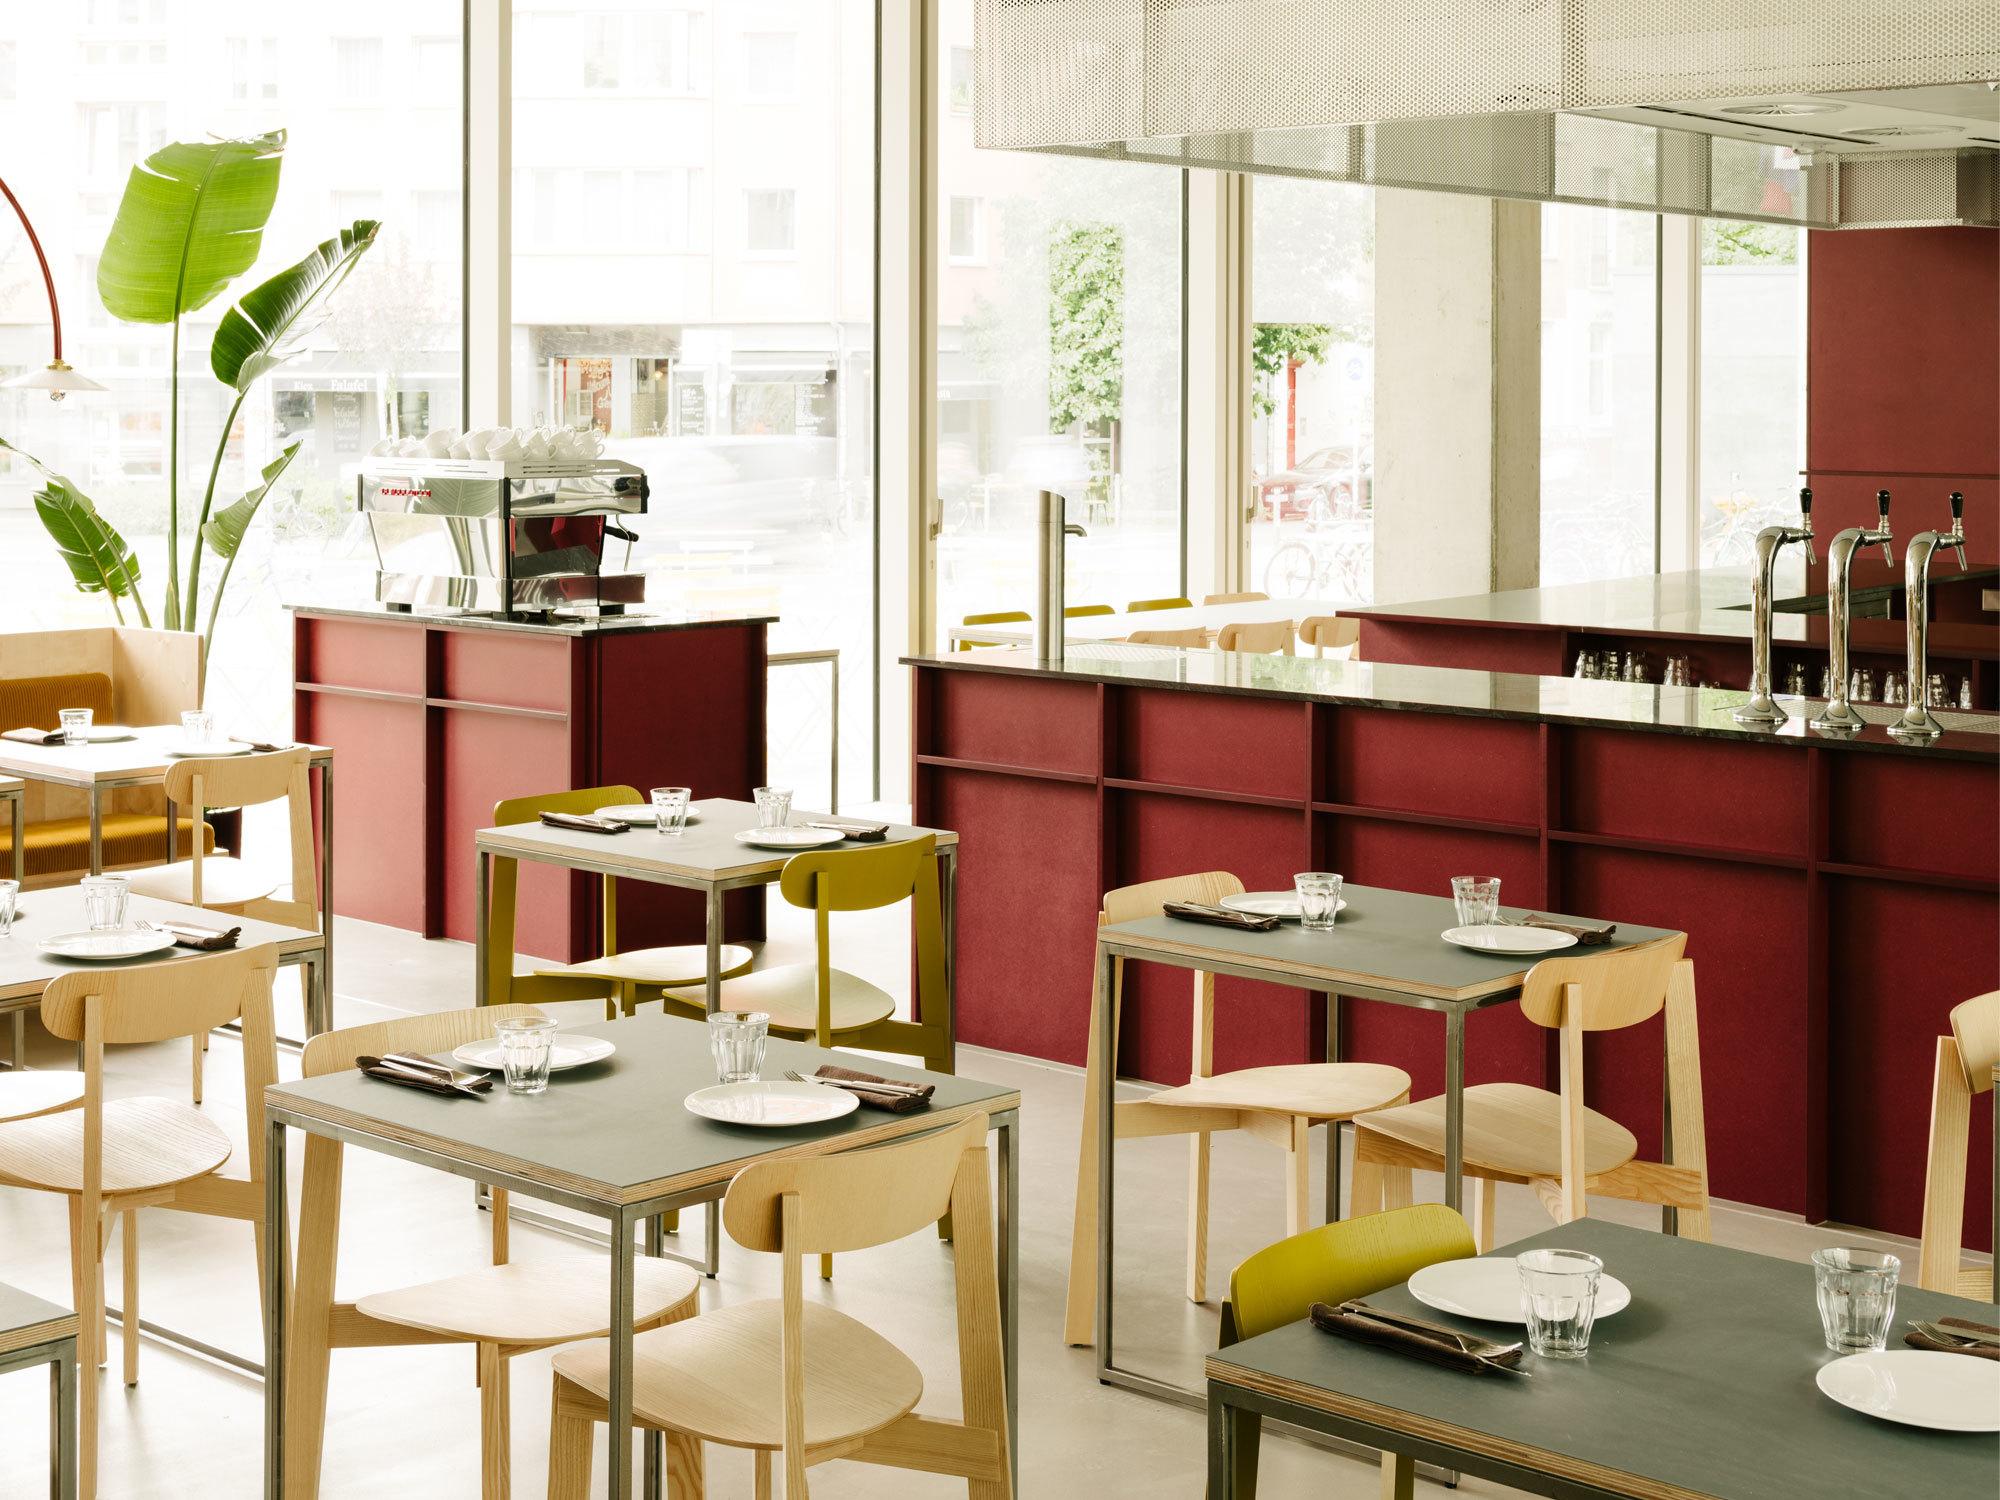 Die Tischplatten sind aus Birkenschichtholz gefertigt und mit einer hellgrauen Linoleumschicht überzogen.